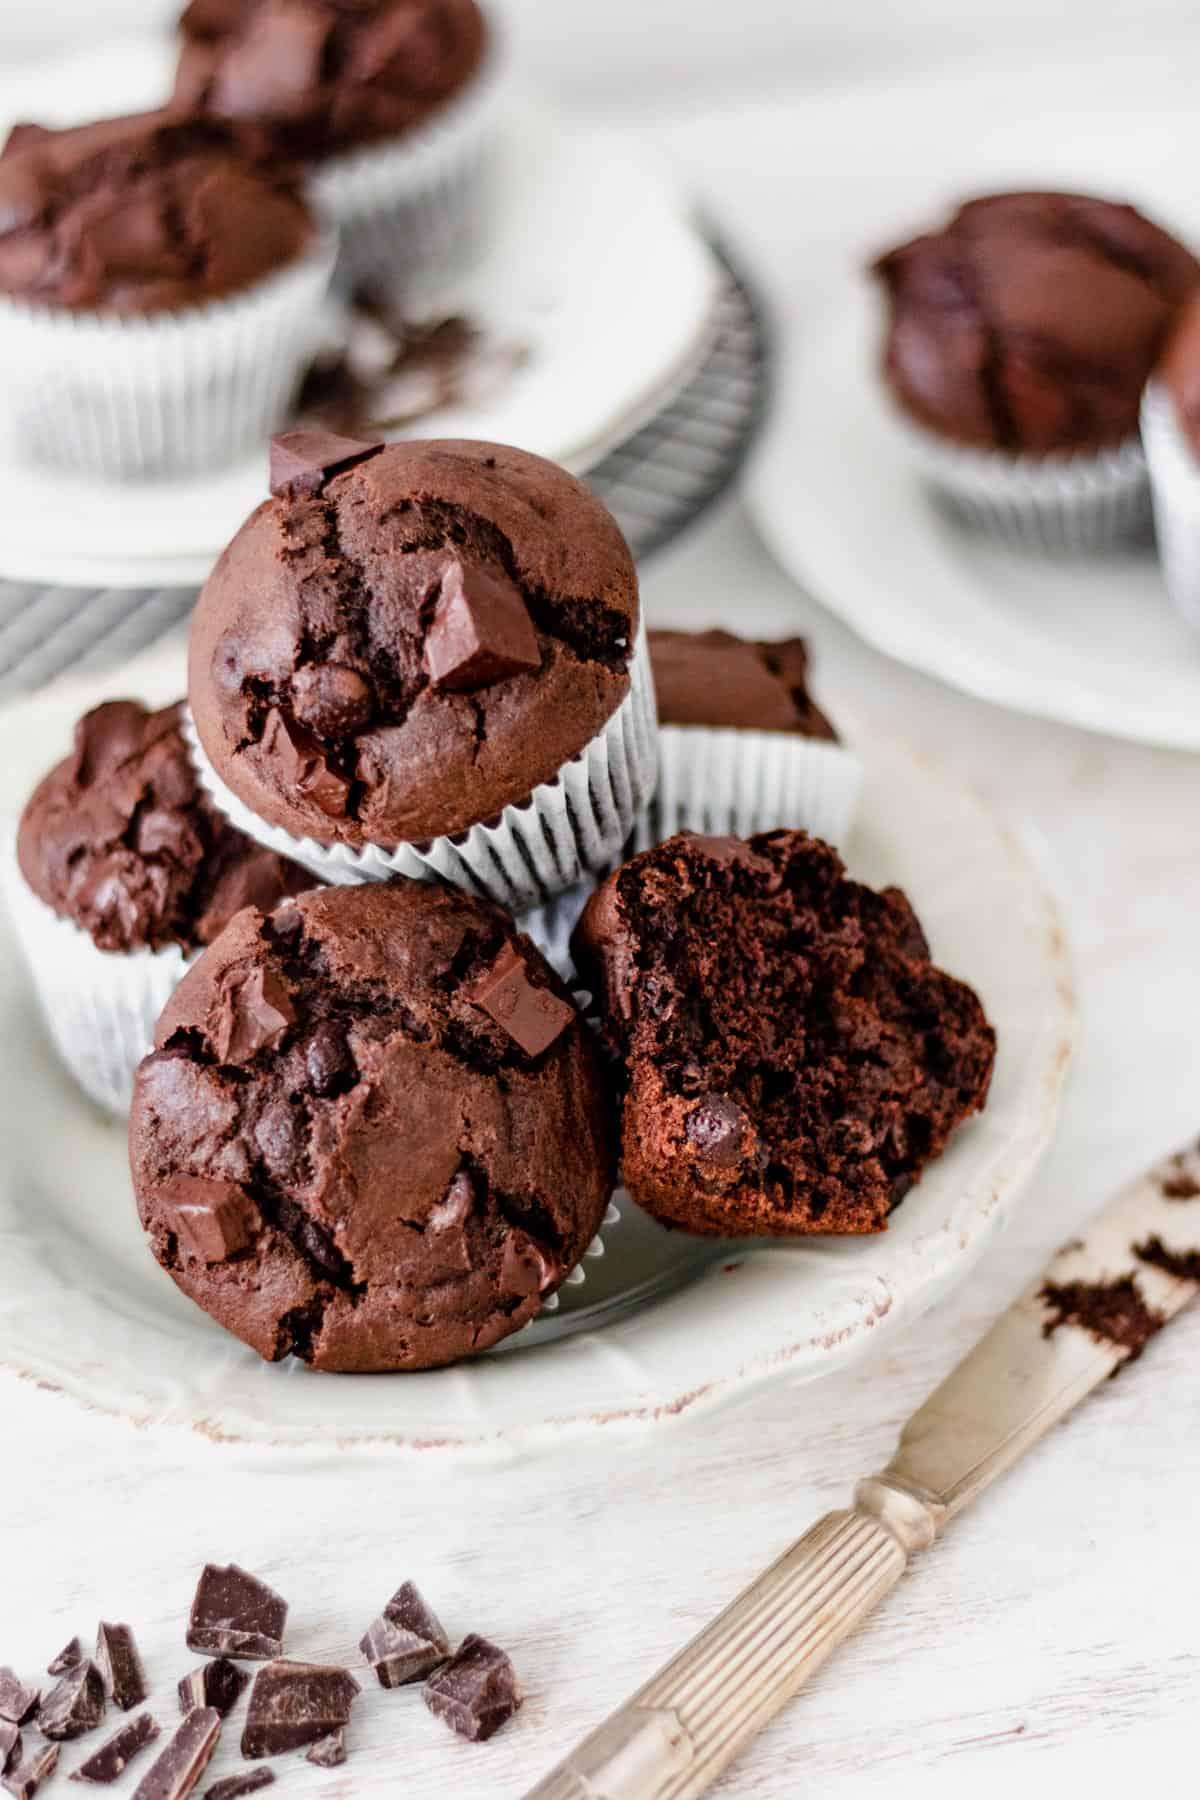 Muffins de chocolate servidos en un plato redondo con un cuchillo plateado al lado.